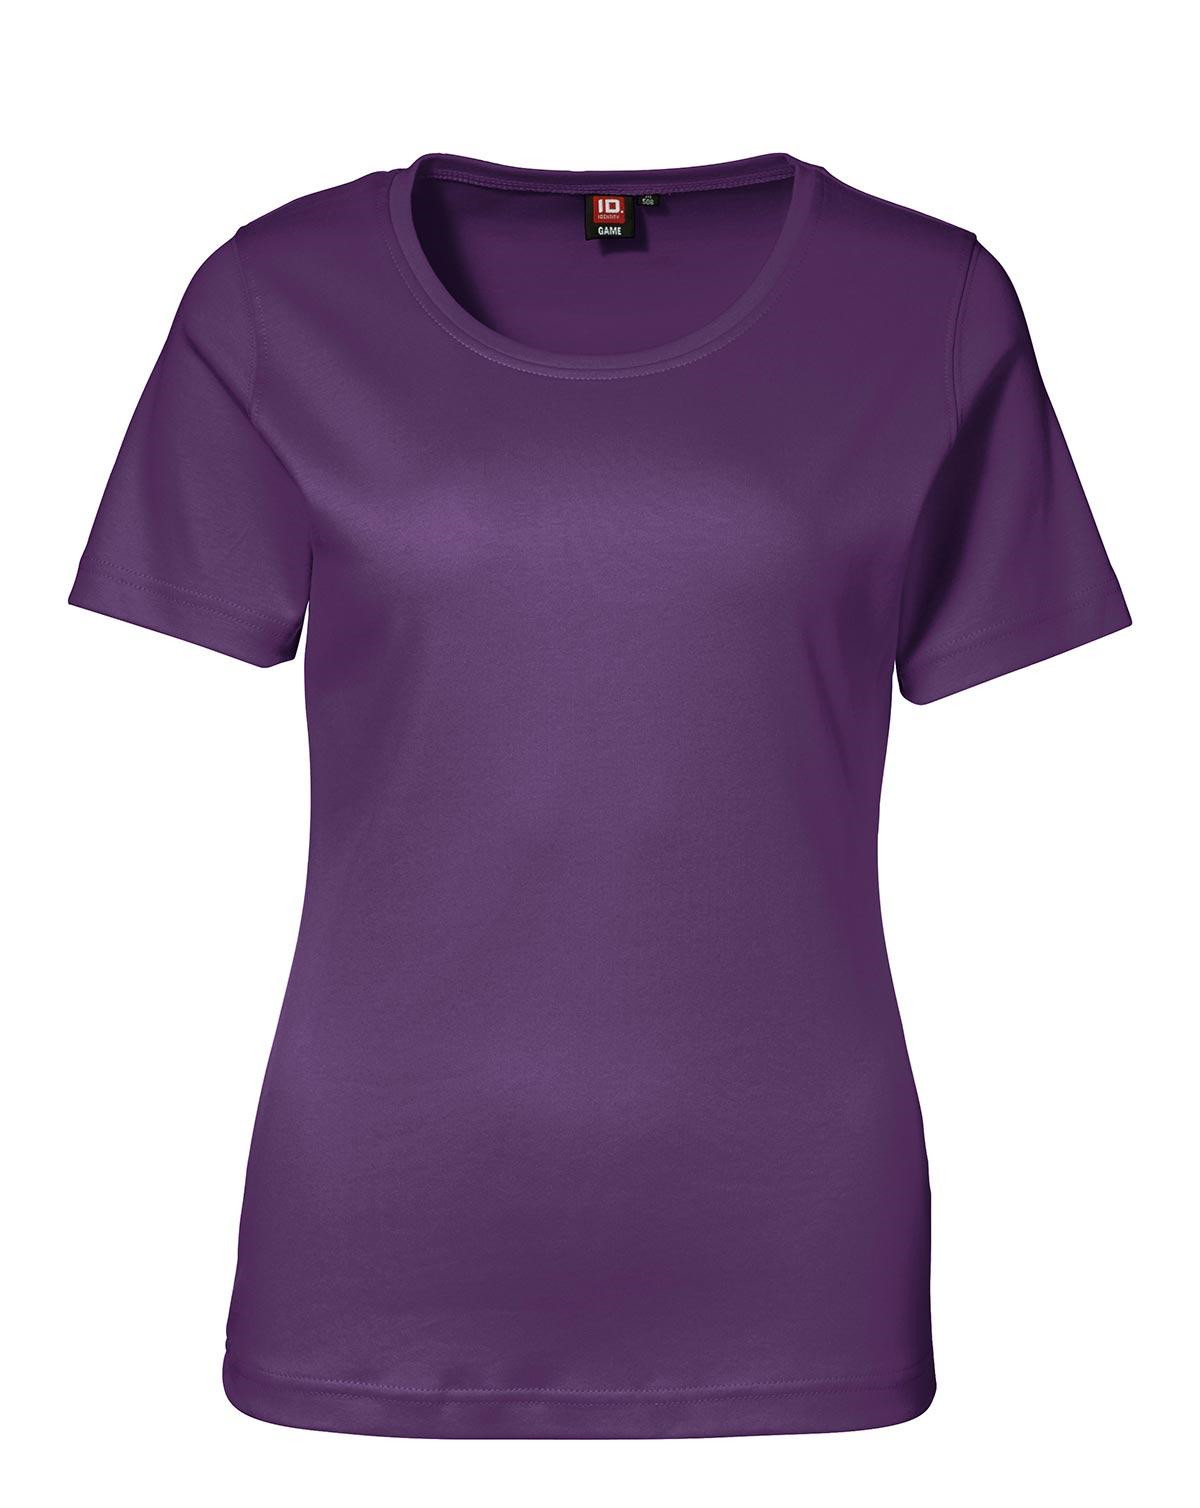 ID Interlock T-shirt för Kvinnor (Lila, XL)